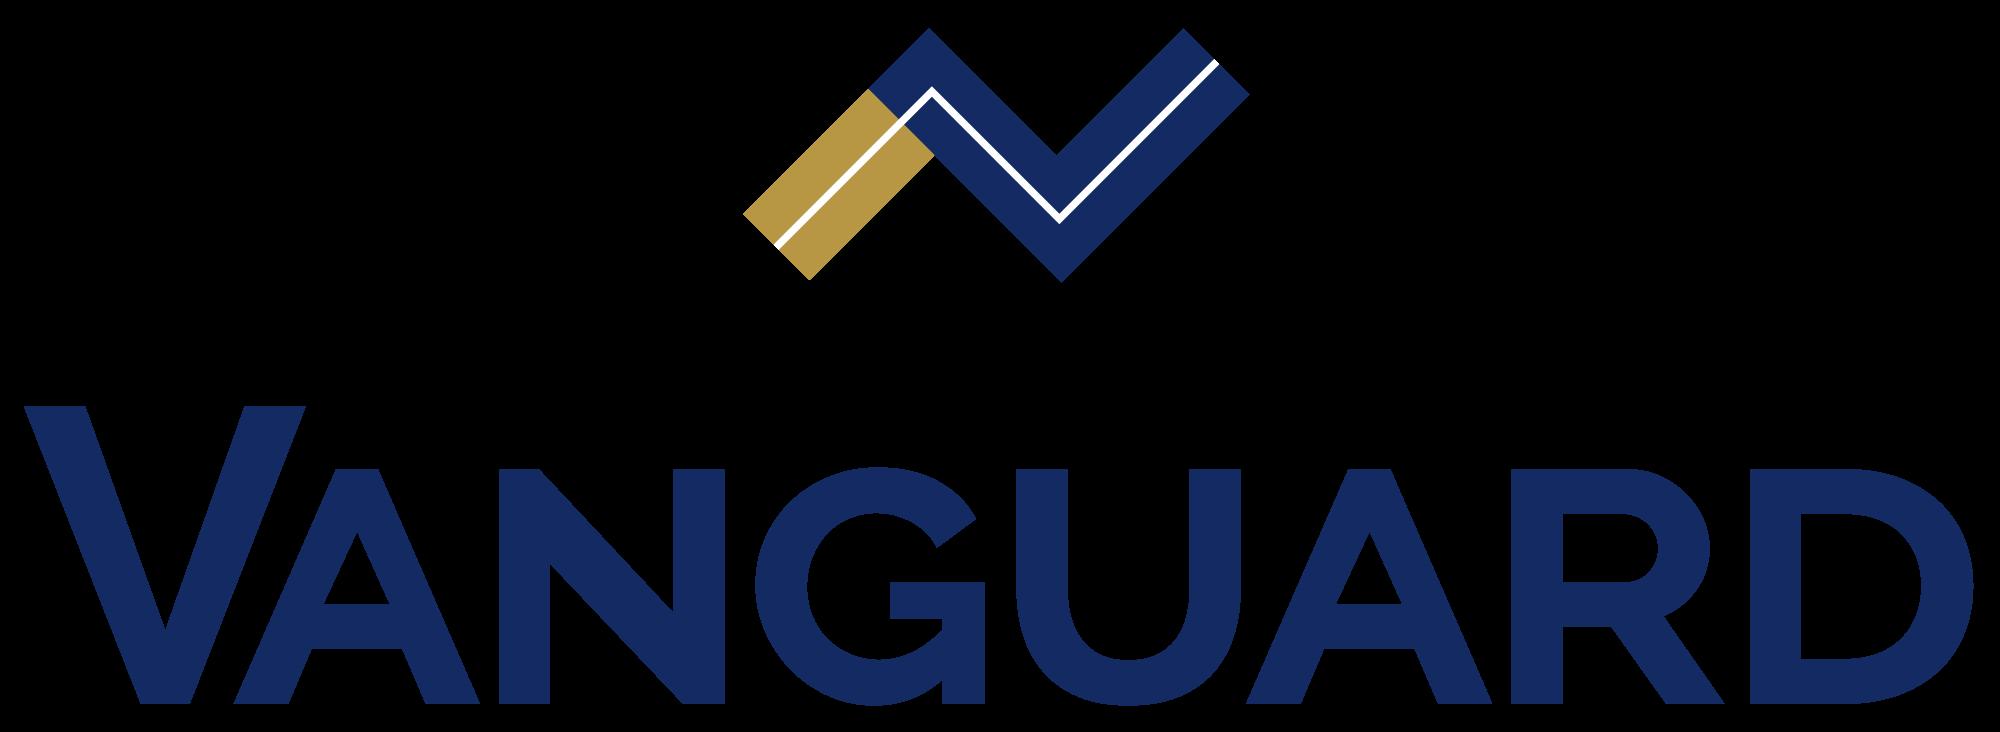 Vanguard Equities